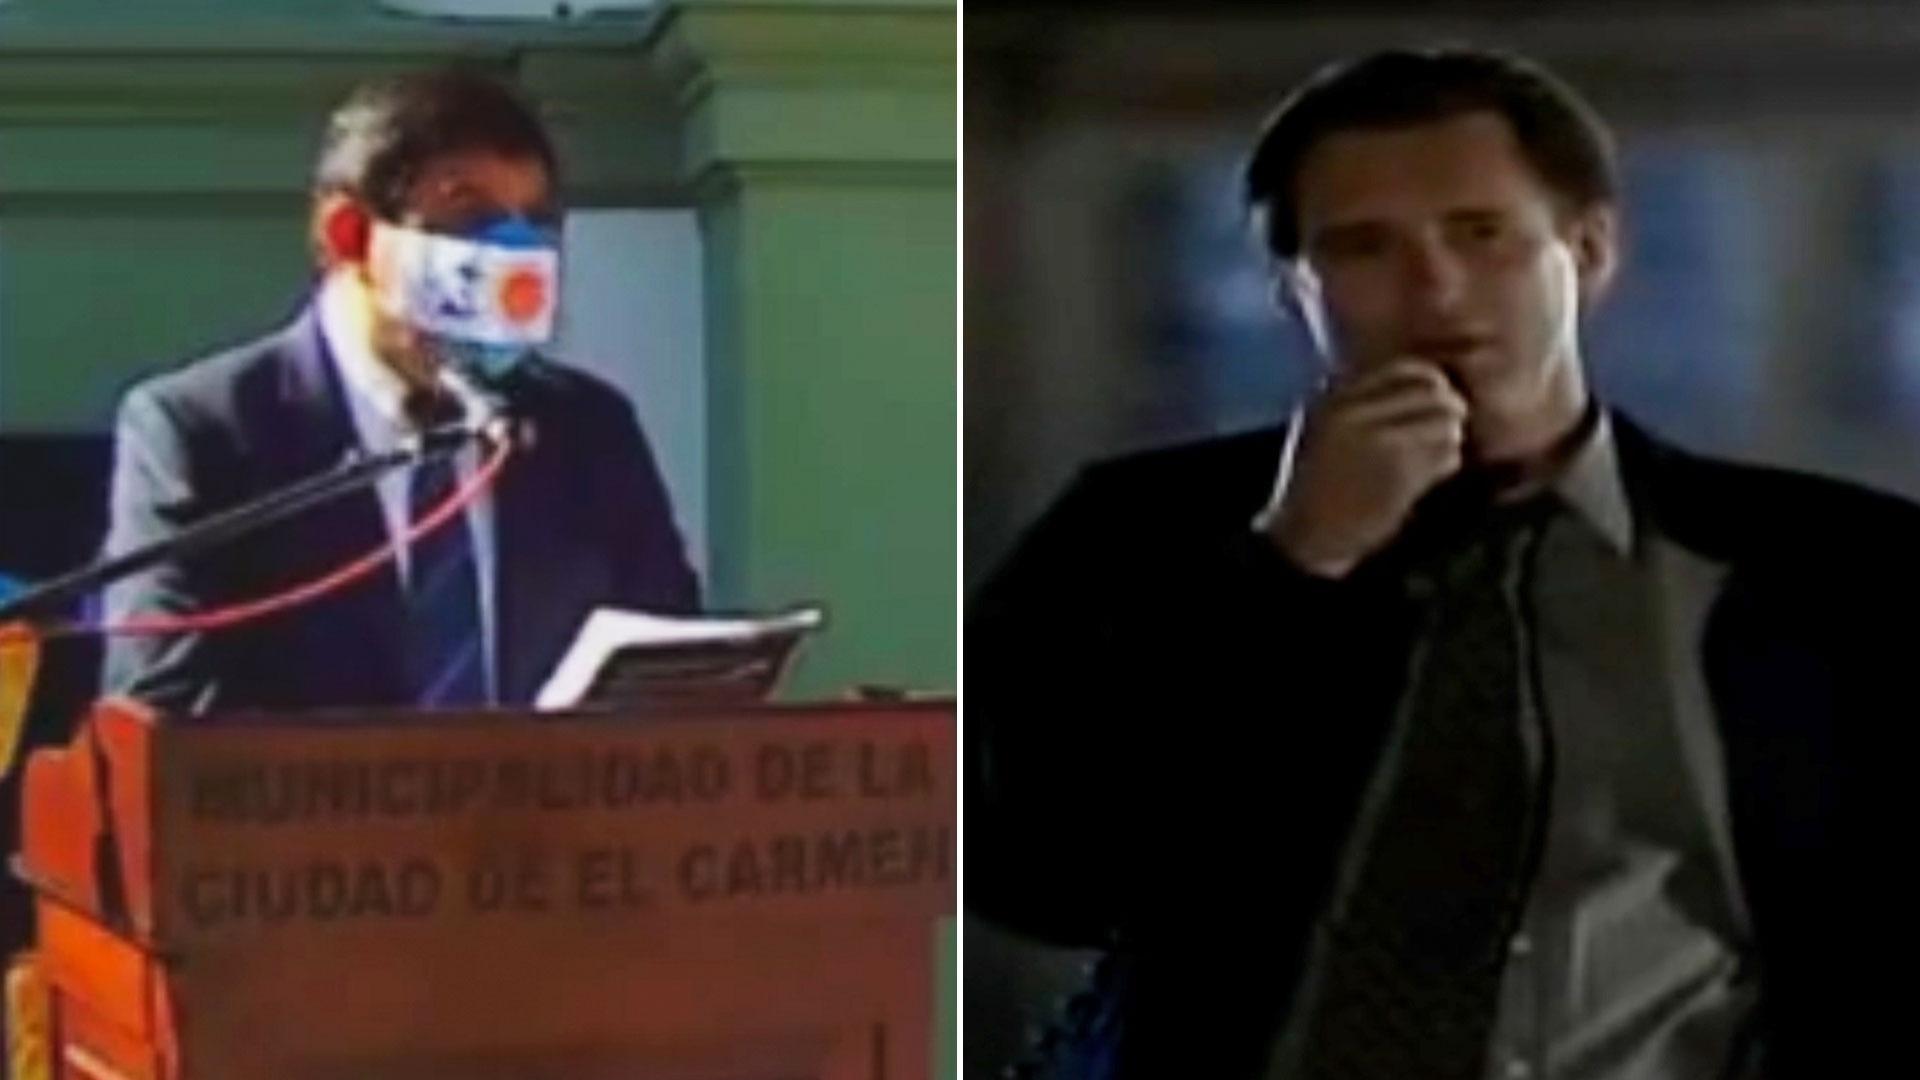 Un intendente de Jujuy copió el discurso de la película El Día de la Independencia para el acto del 9 de Julio - Infobae